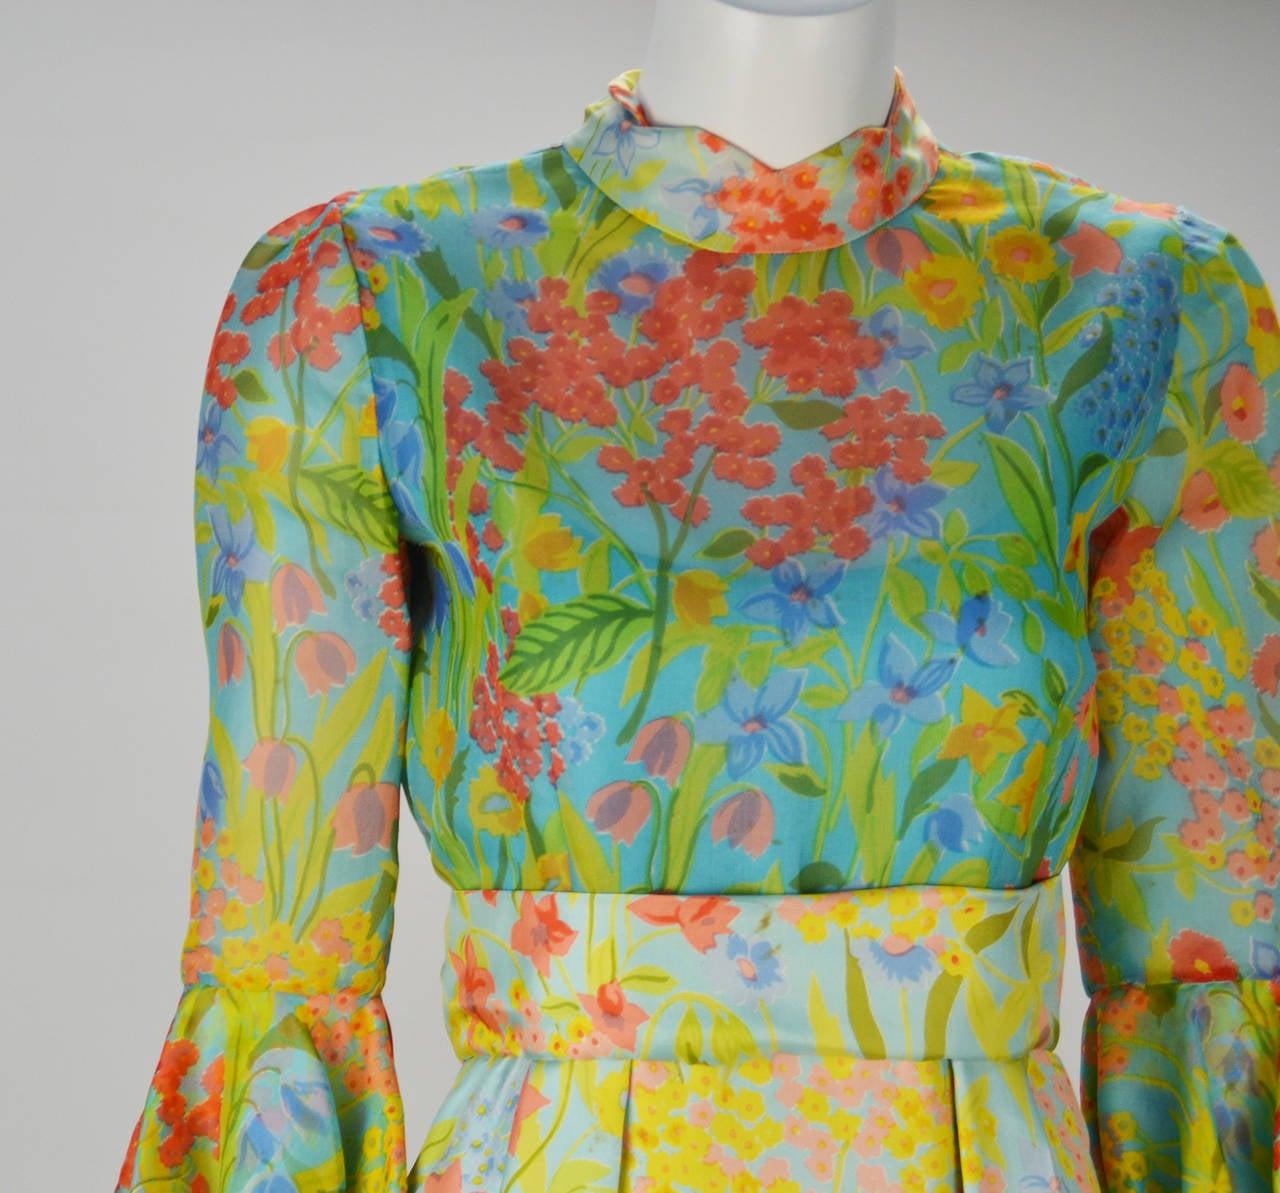 1960s Tina Leser Original Floral Print Dress 4